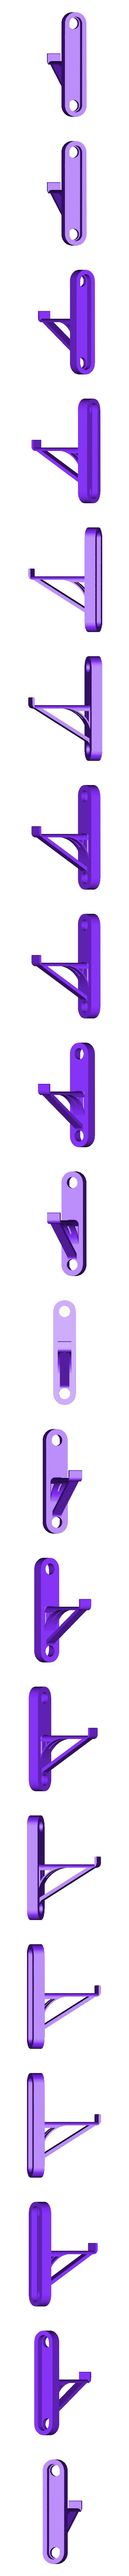 mini soporte.stl Download free STL file multi-purpose hook • 3D printing design, miquelgraciamolins